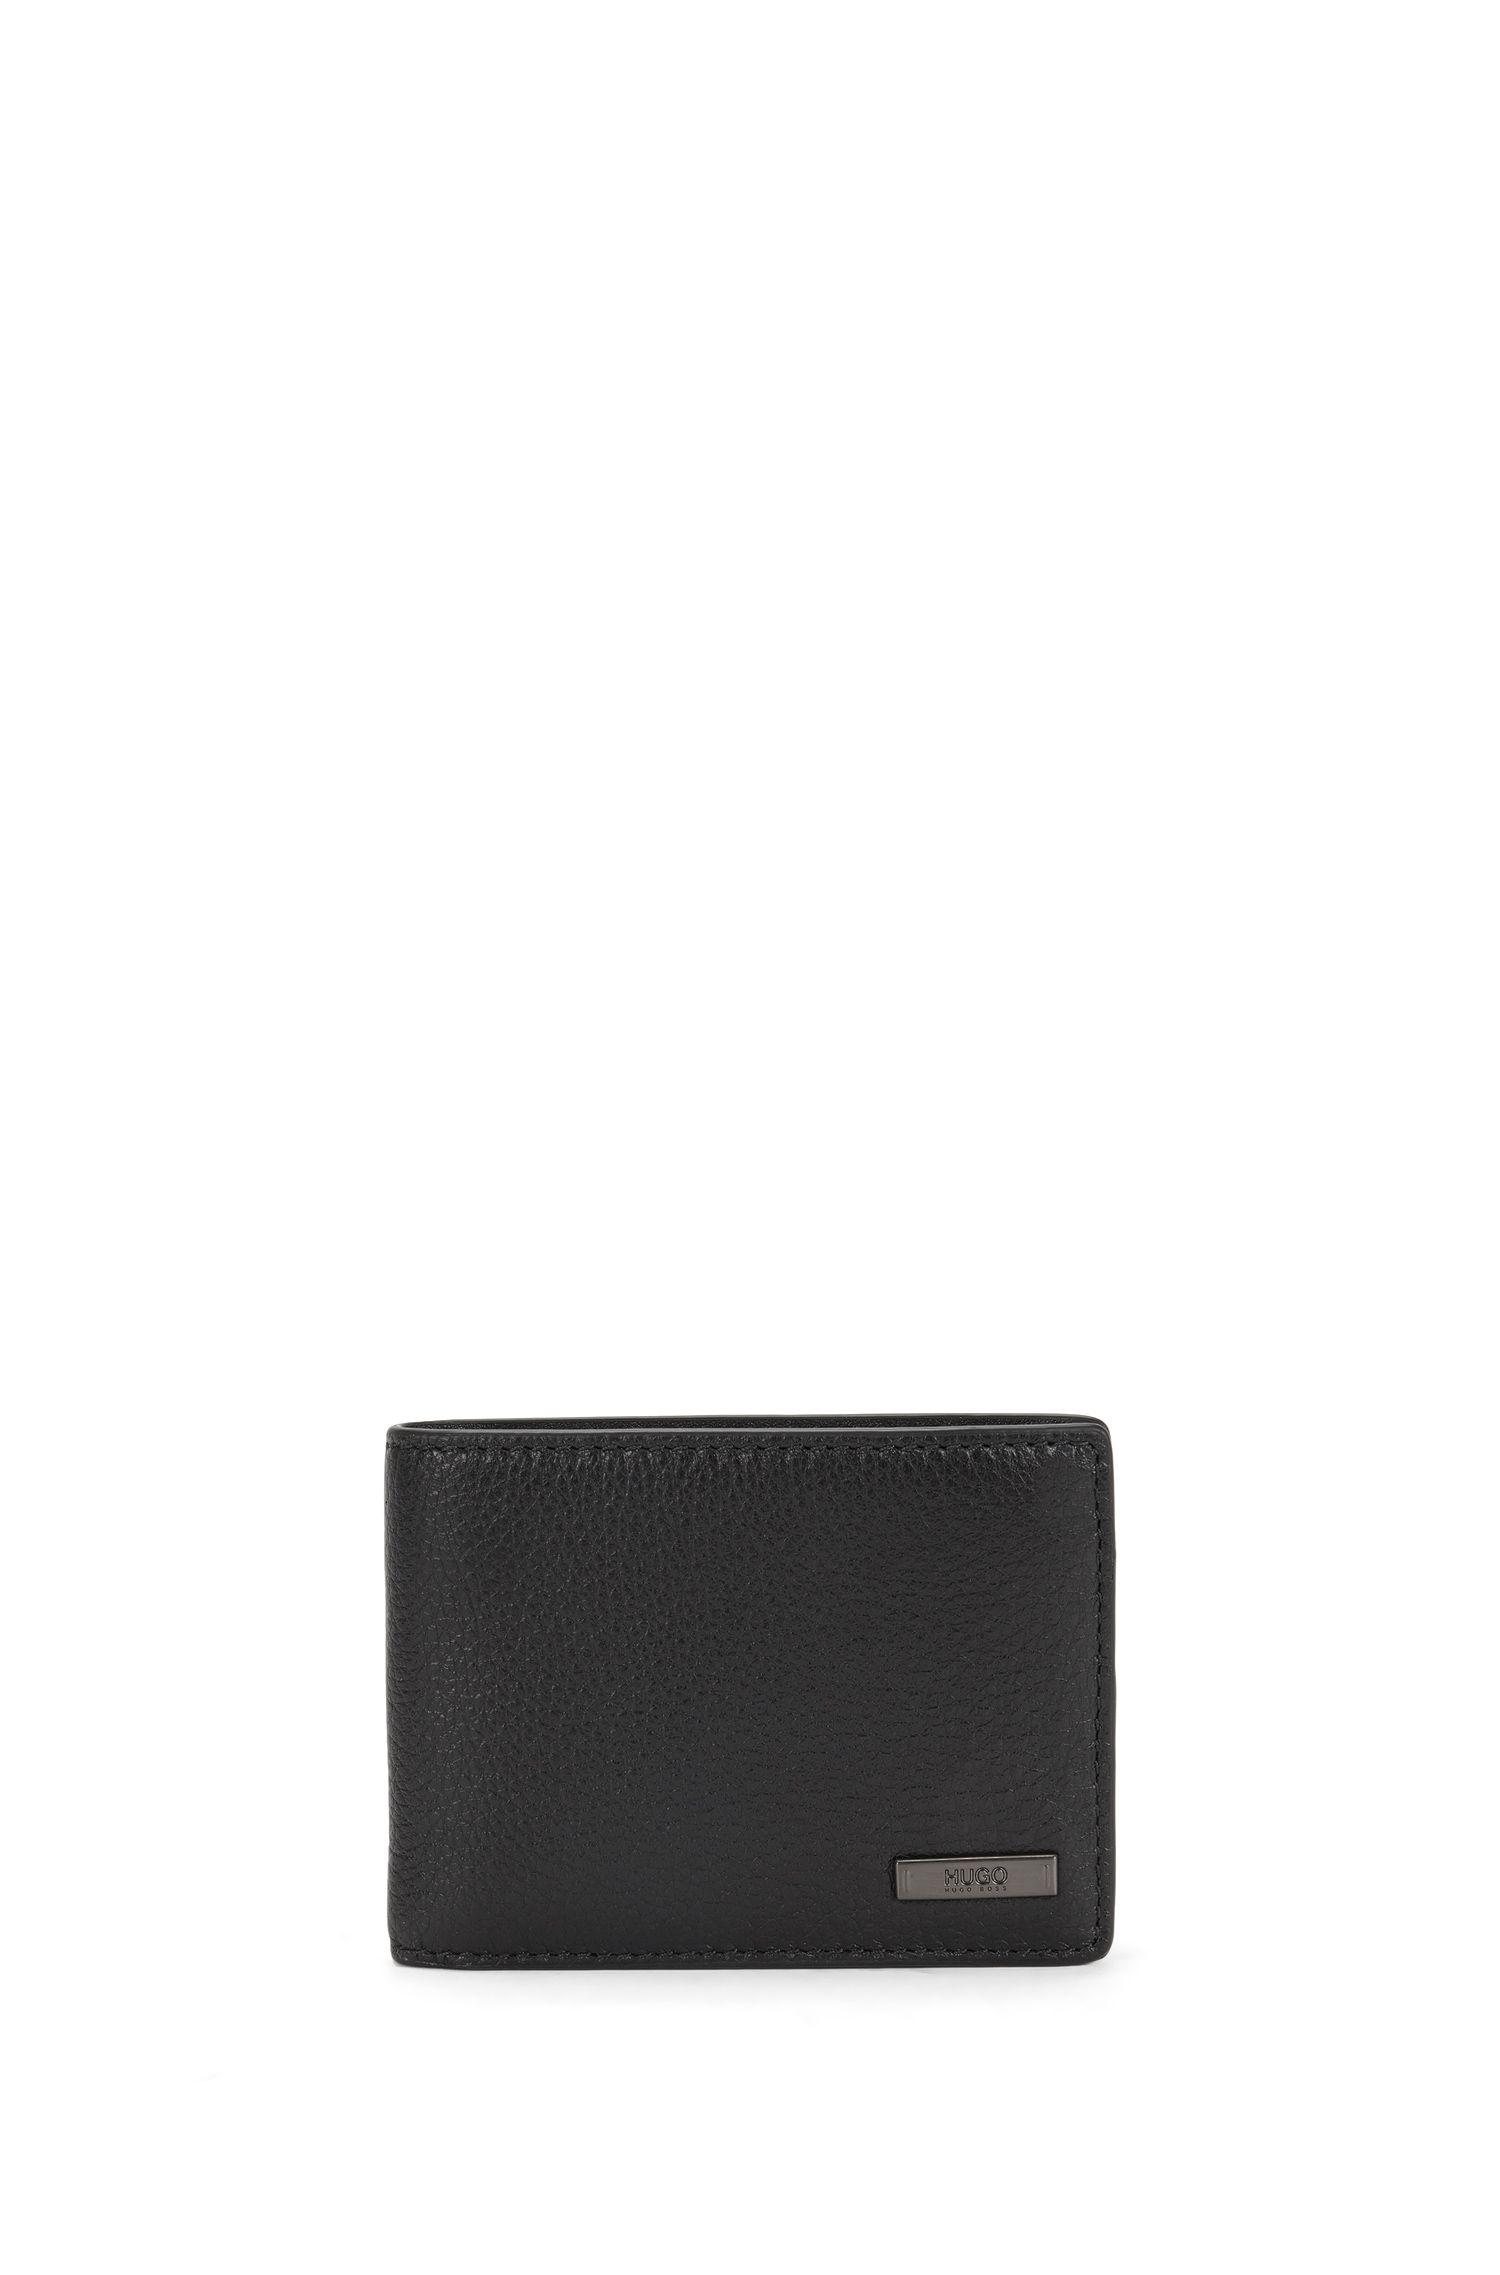 Bi-fold wallet in rich leather